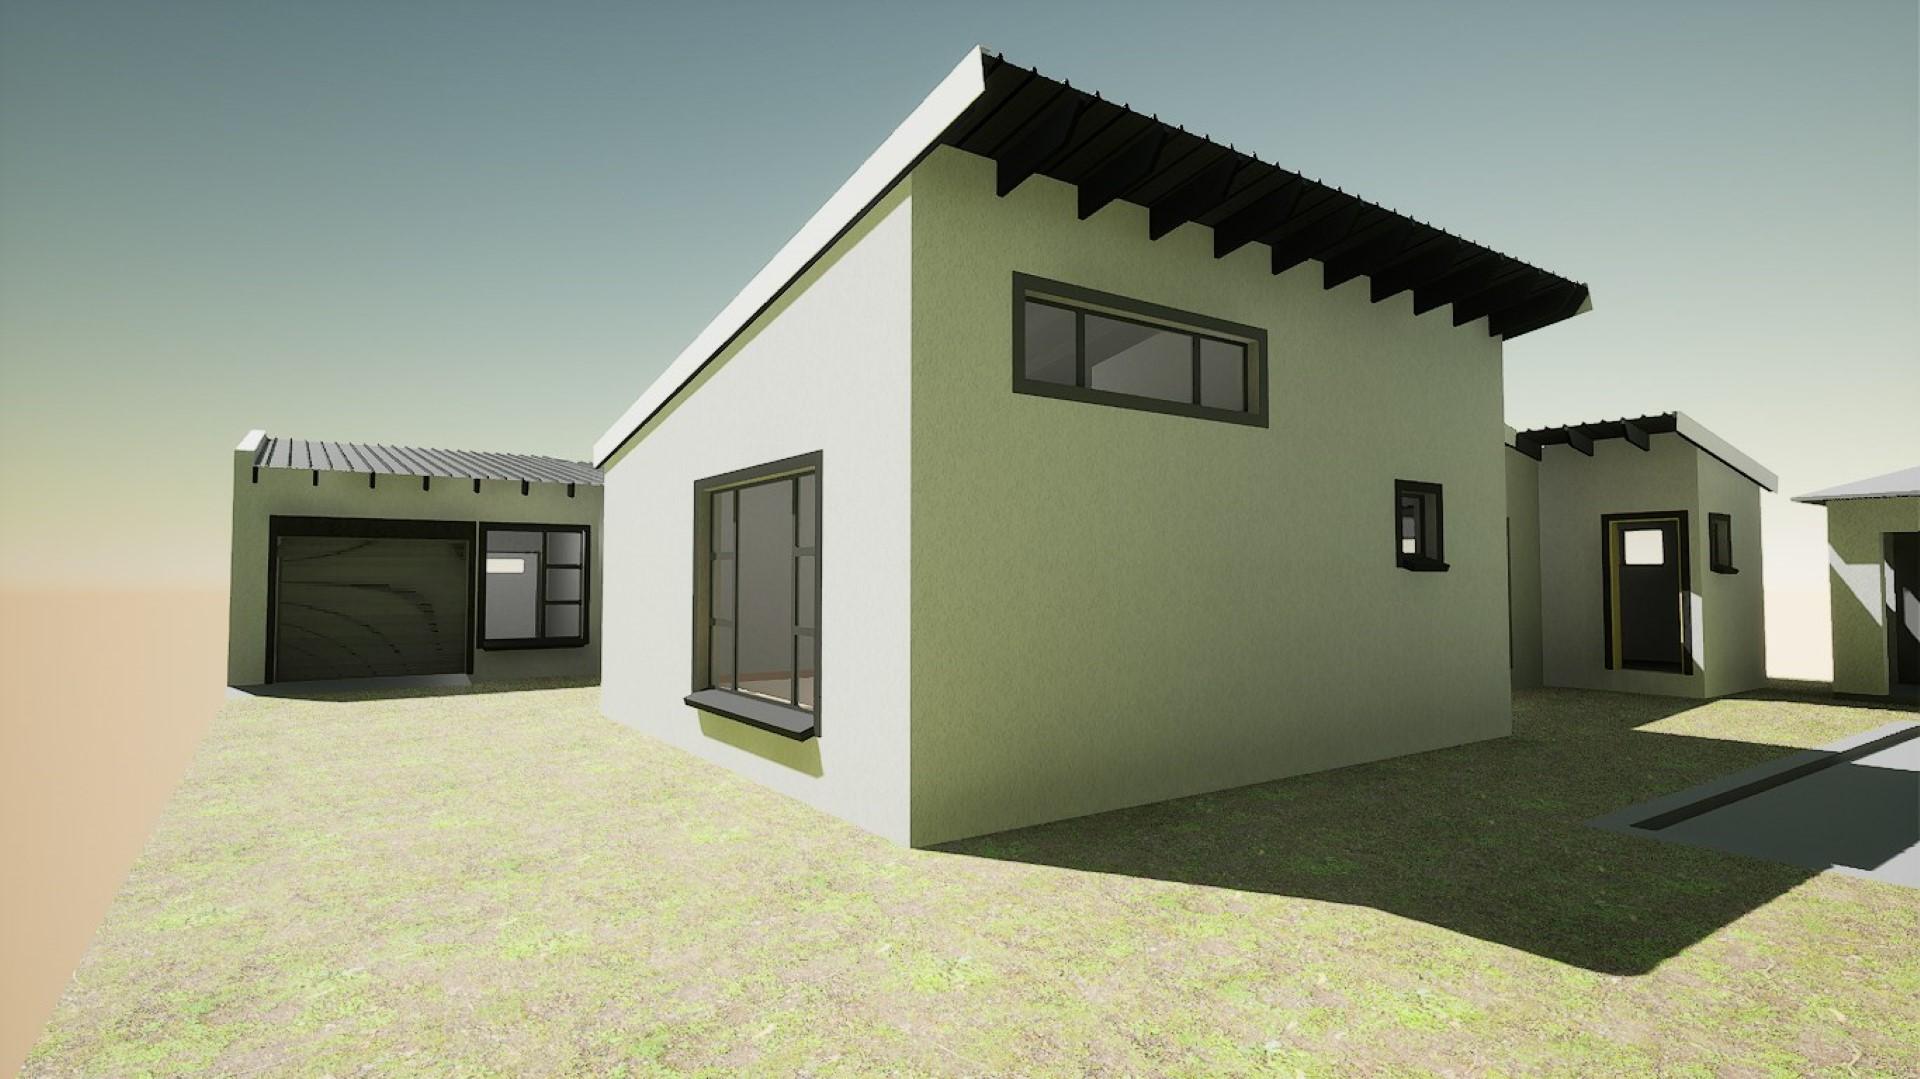 3d_house_design_61_e